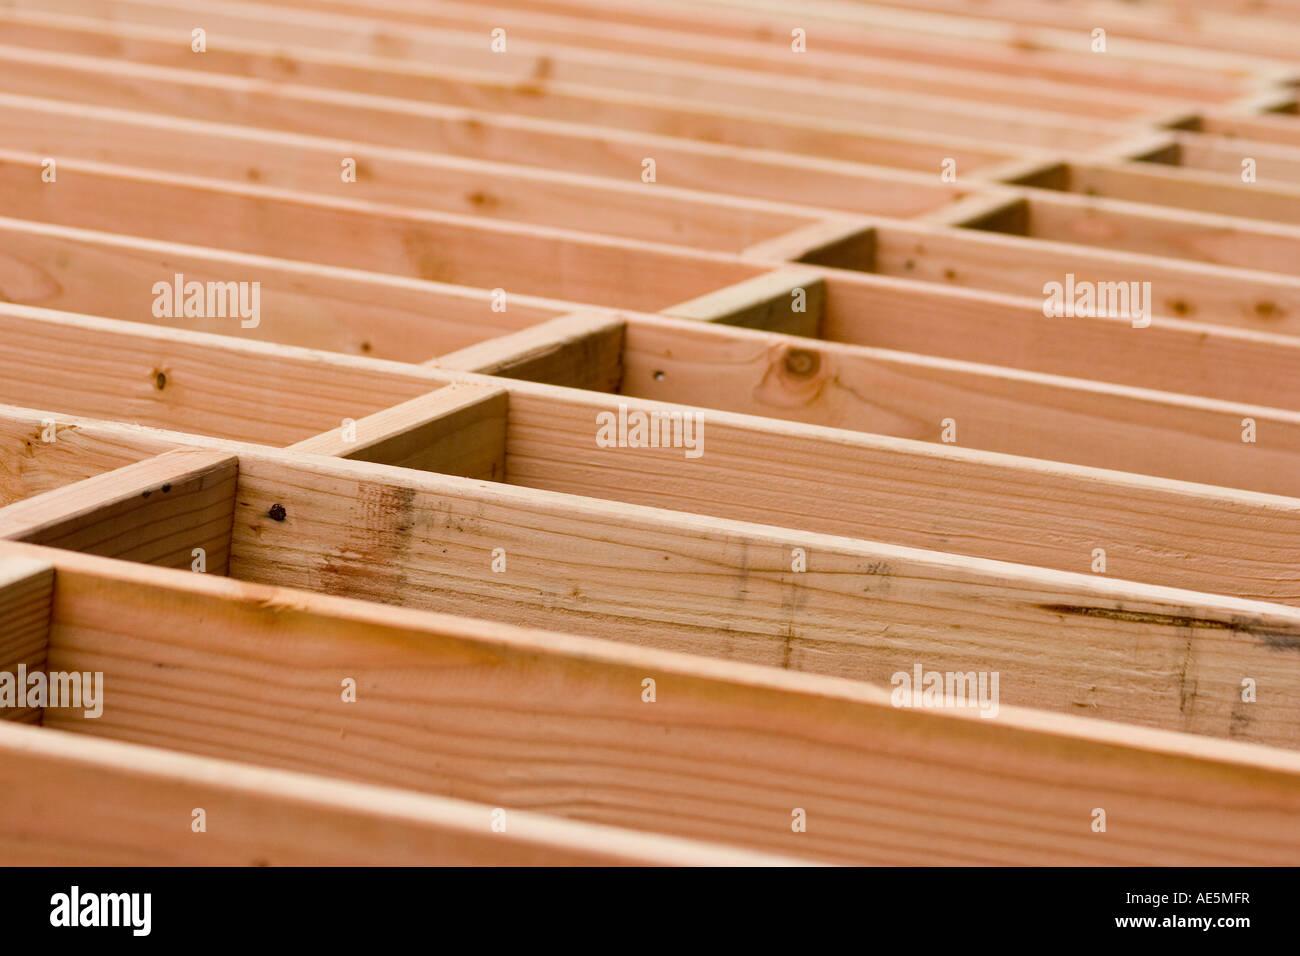 En bois dans un remarquable entre les solives de plancher à un projet de construction résidentielle Photo Stock